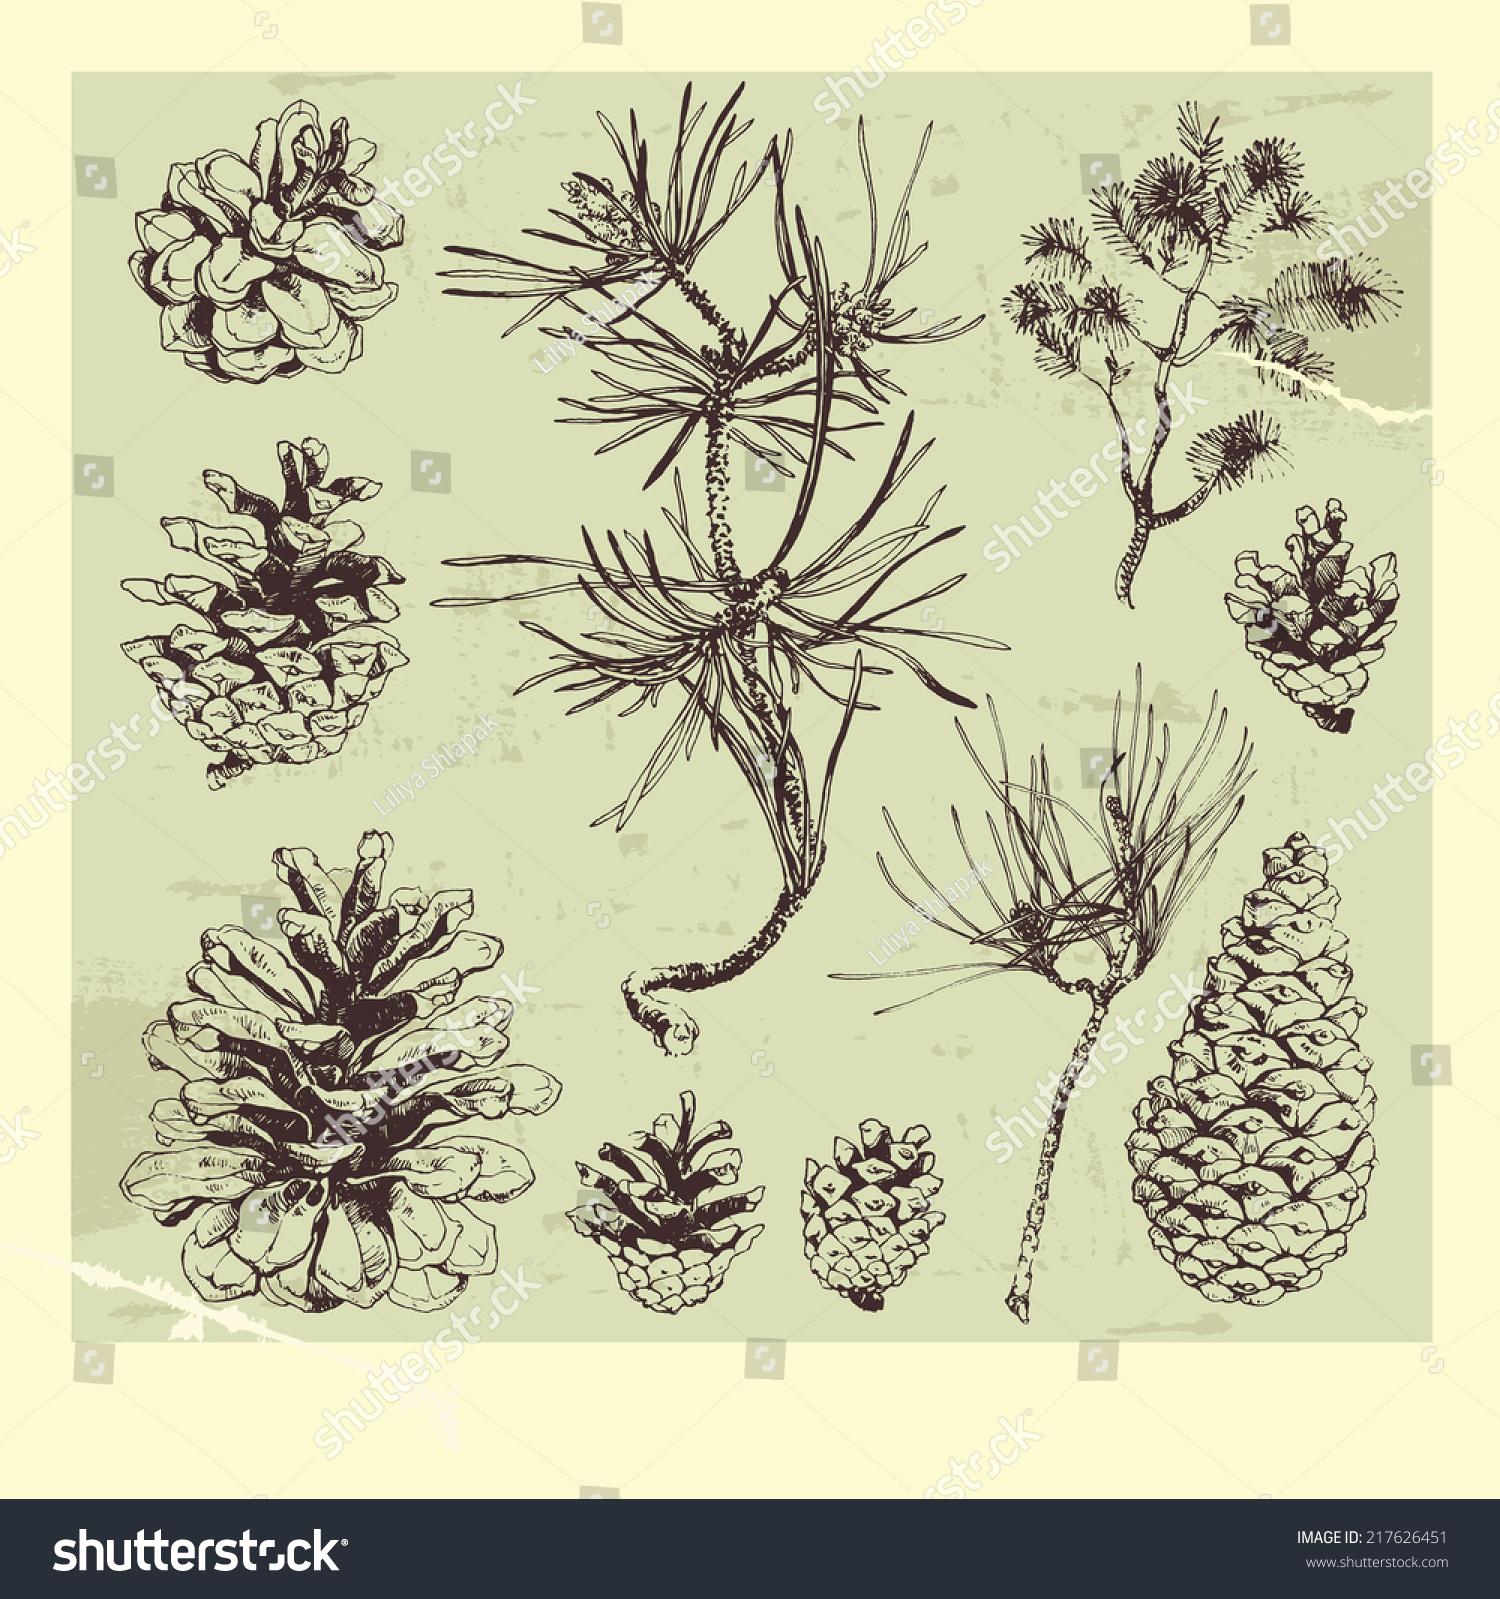 手工绘制的松树和树枝-自然,复古风格-海洛创意()-合.